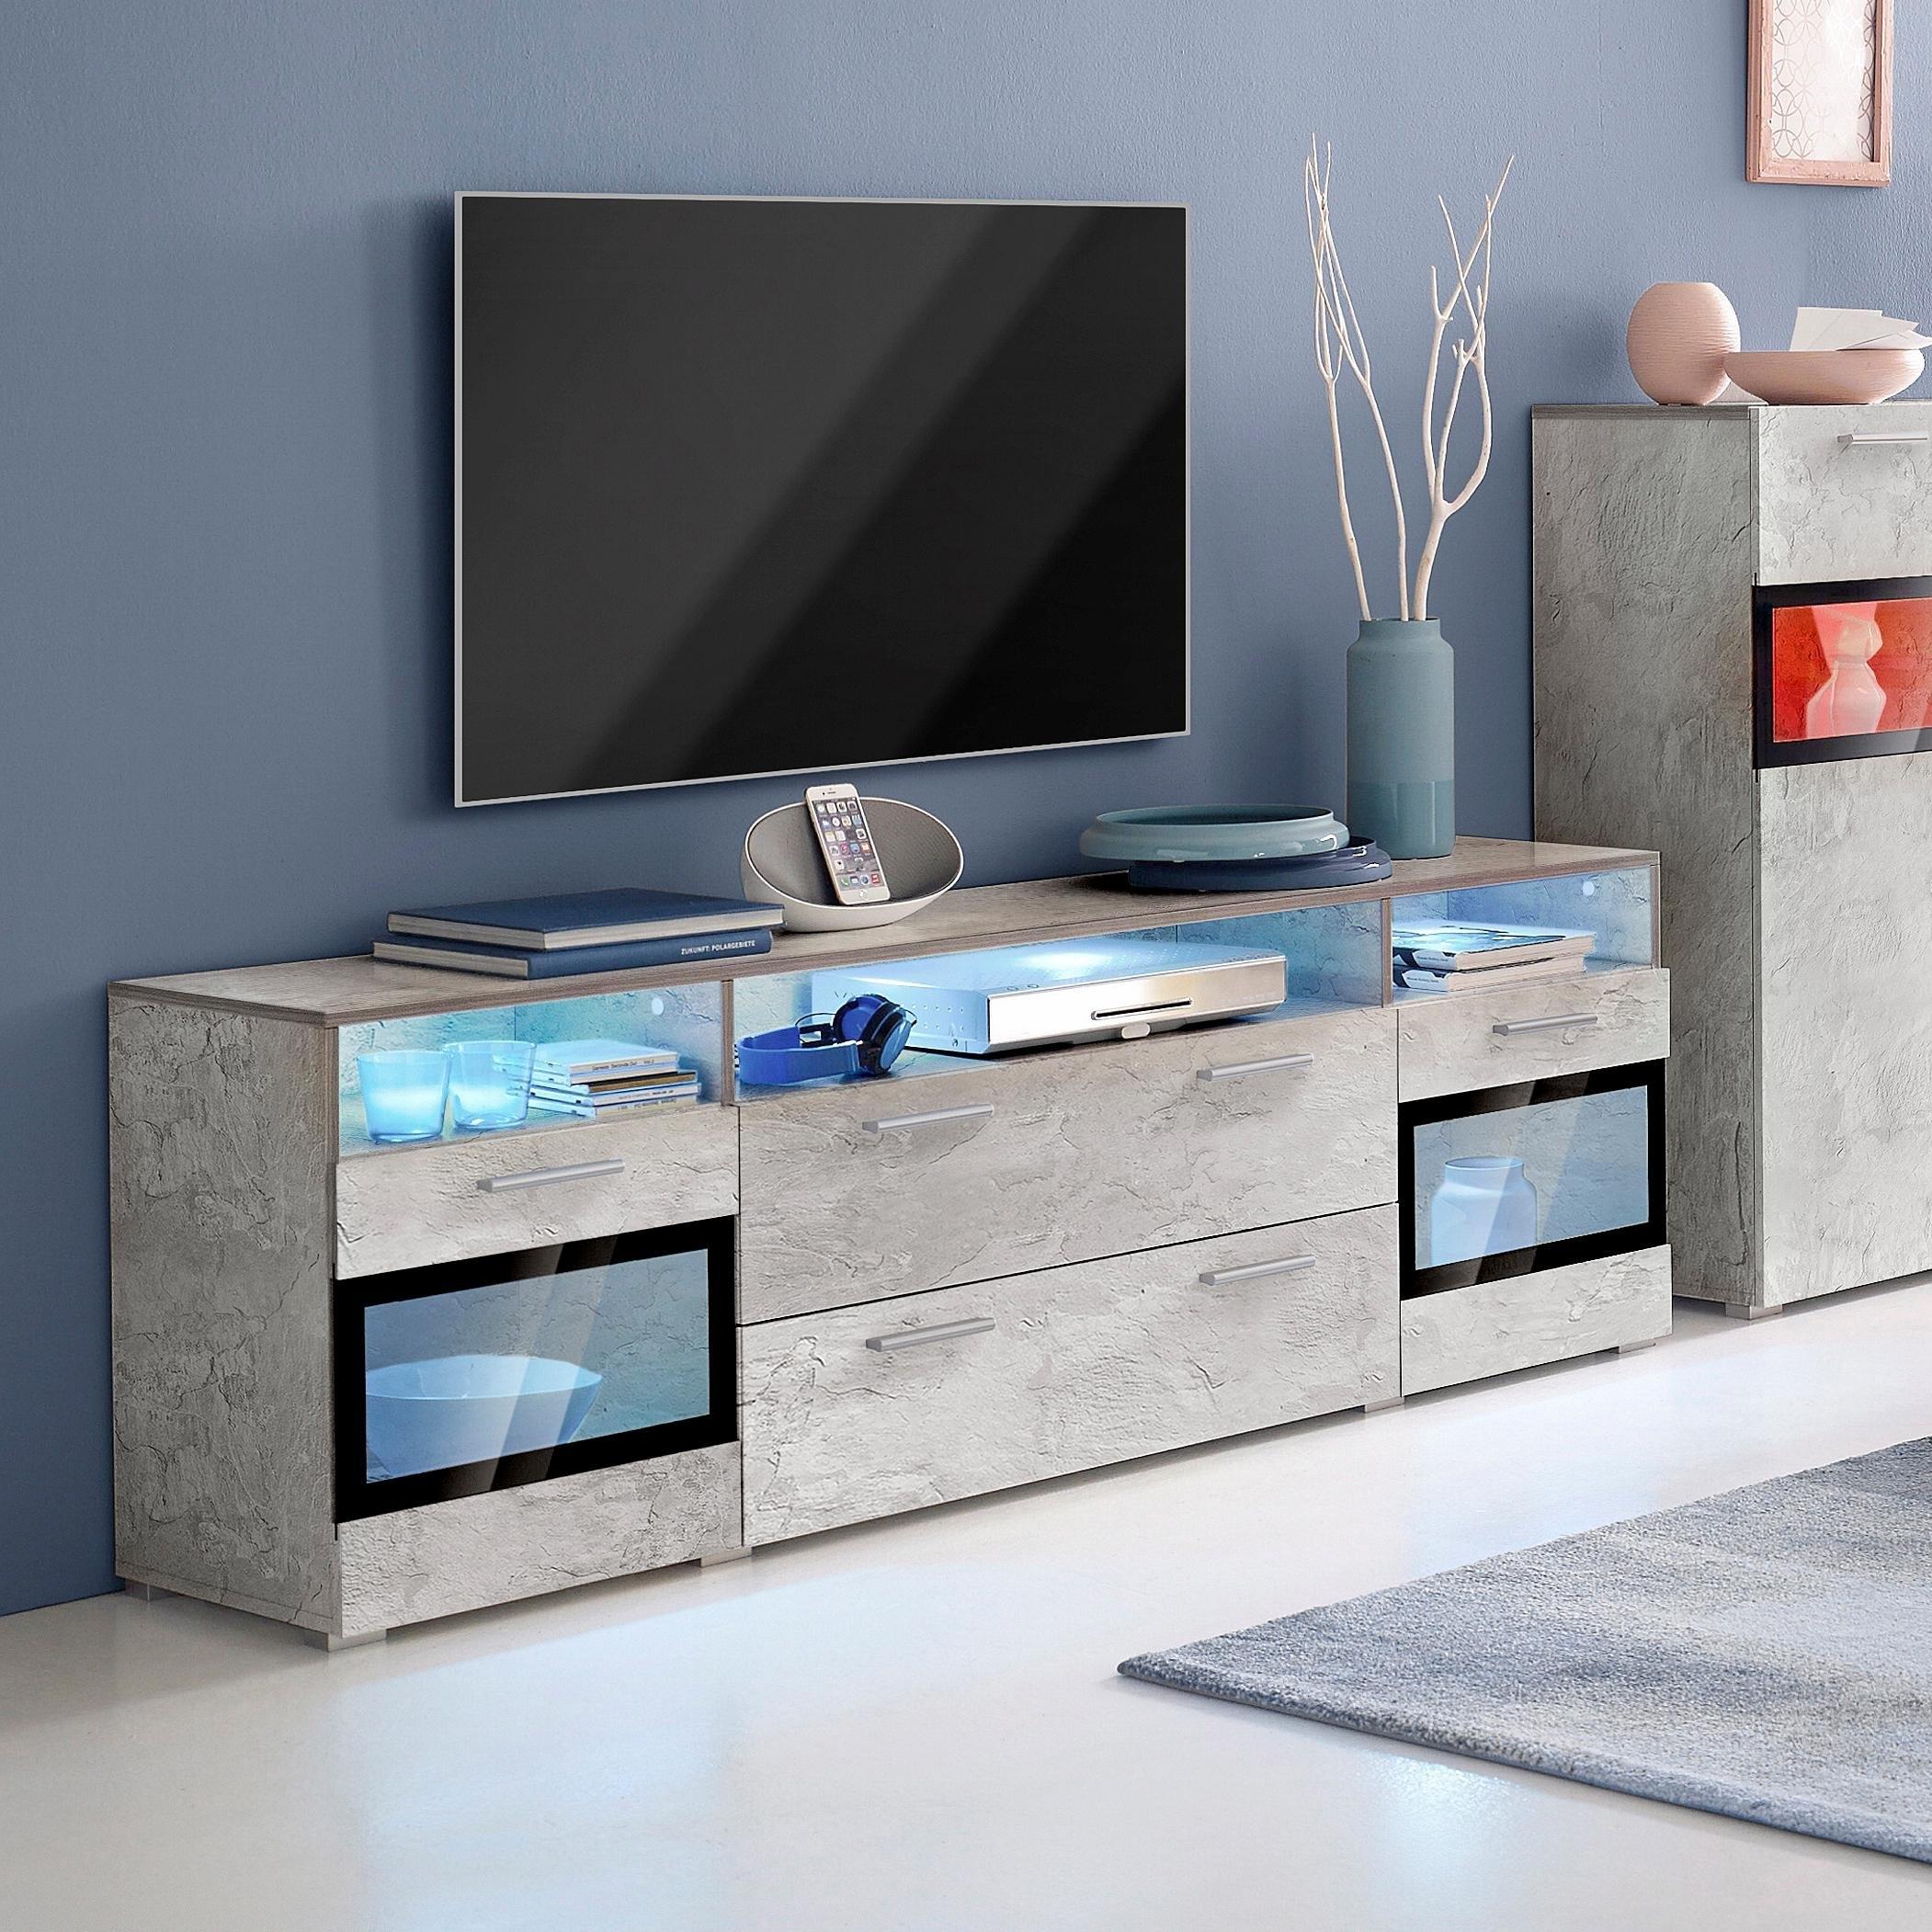 TRENDMANUFAKTUR Lowboard, breedte 182 cm voordelig en veilig online kopen